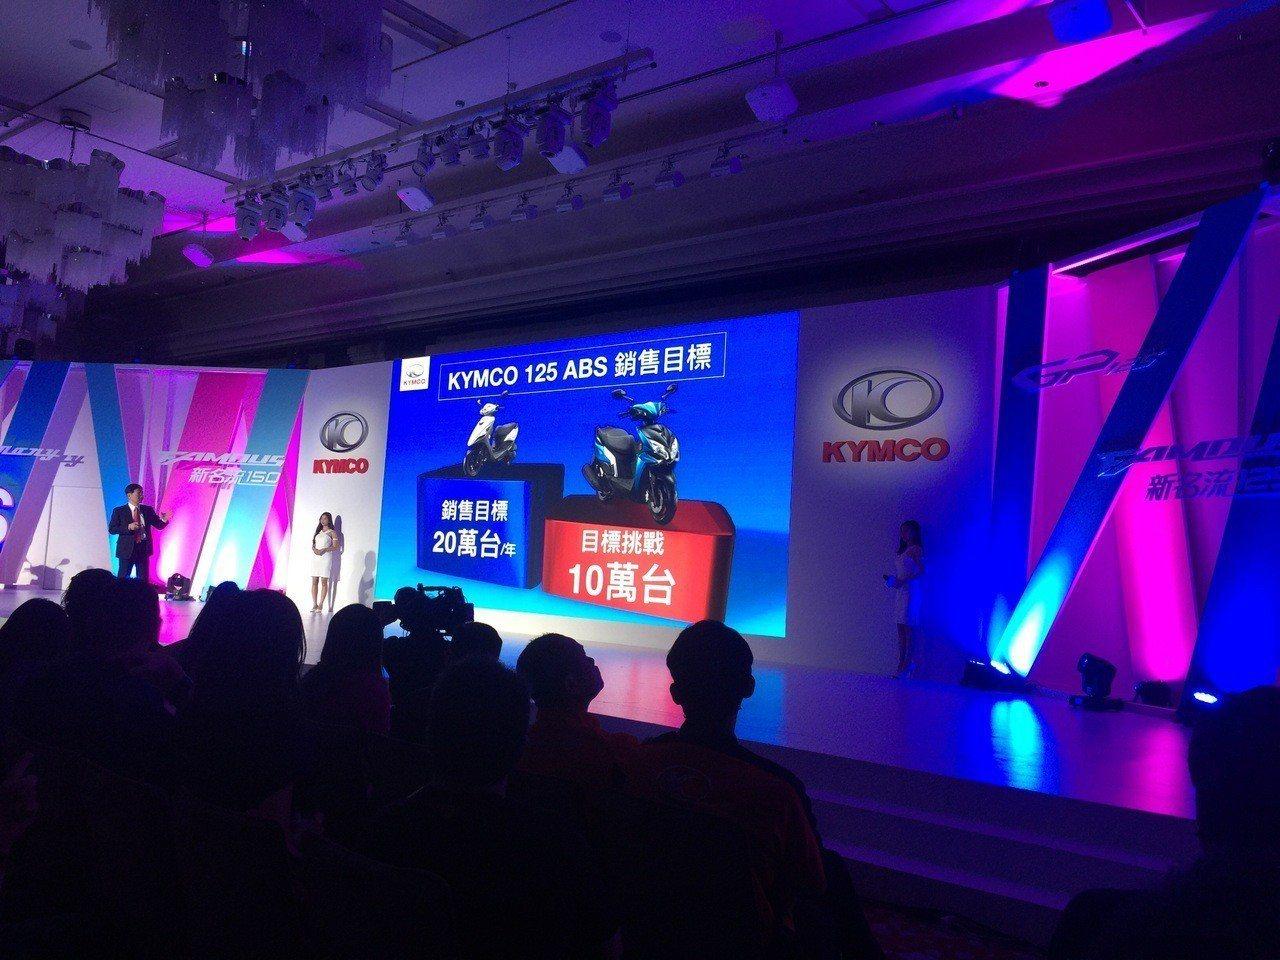 光陽機車執行長柯俊斌表示,預估未來ABS車款市場規模將達21萬台,光陽目標市占1...